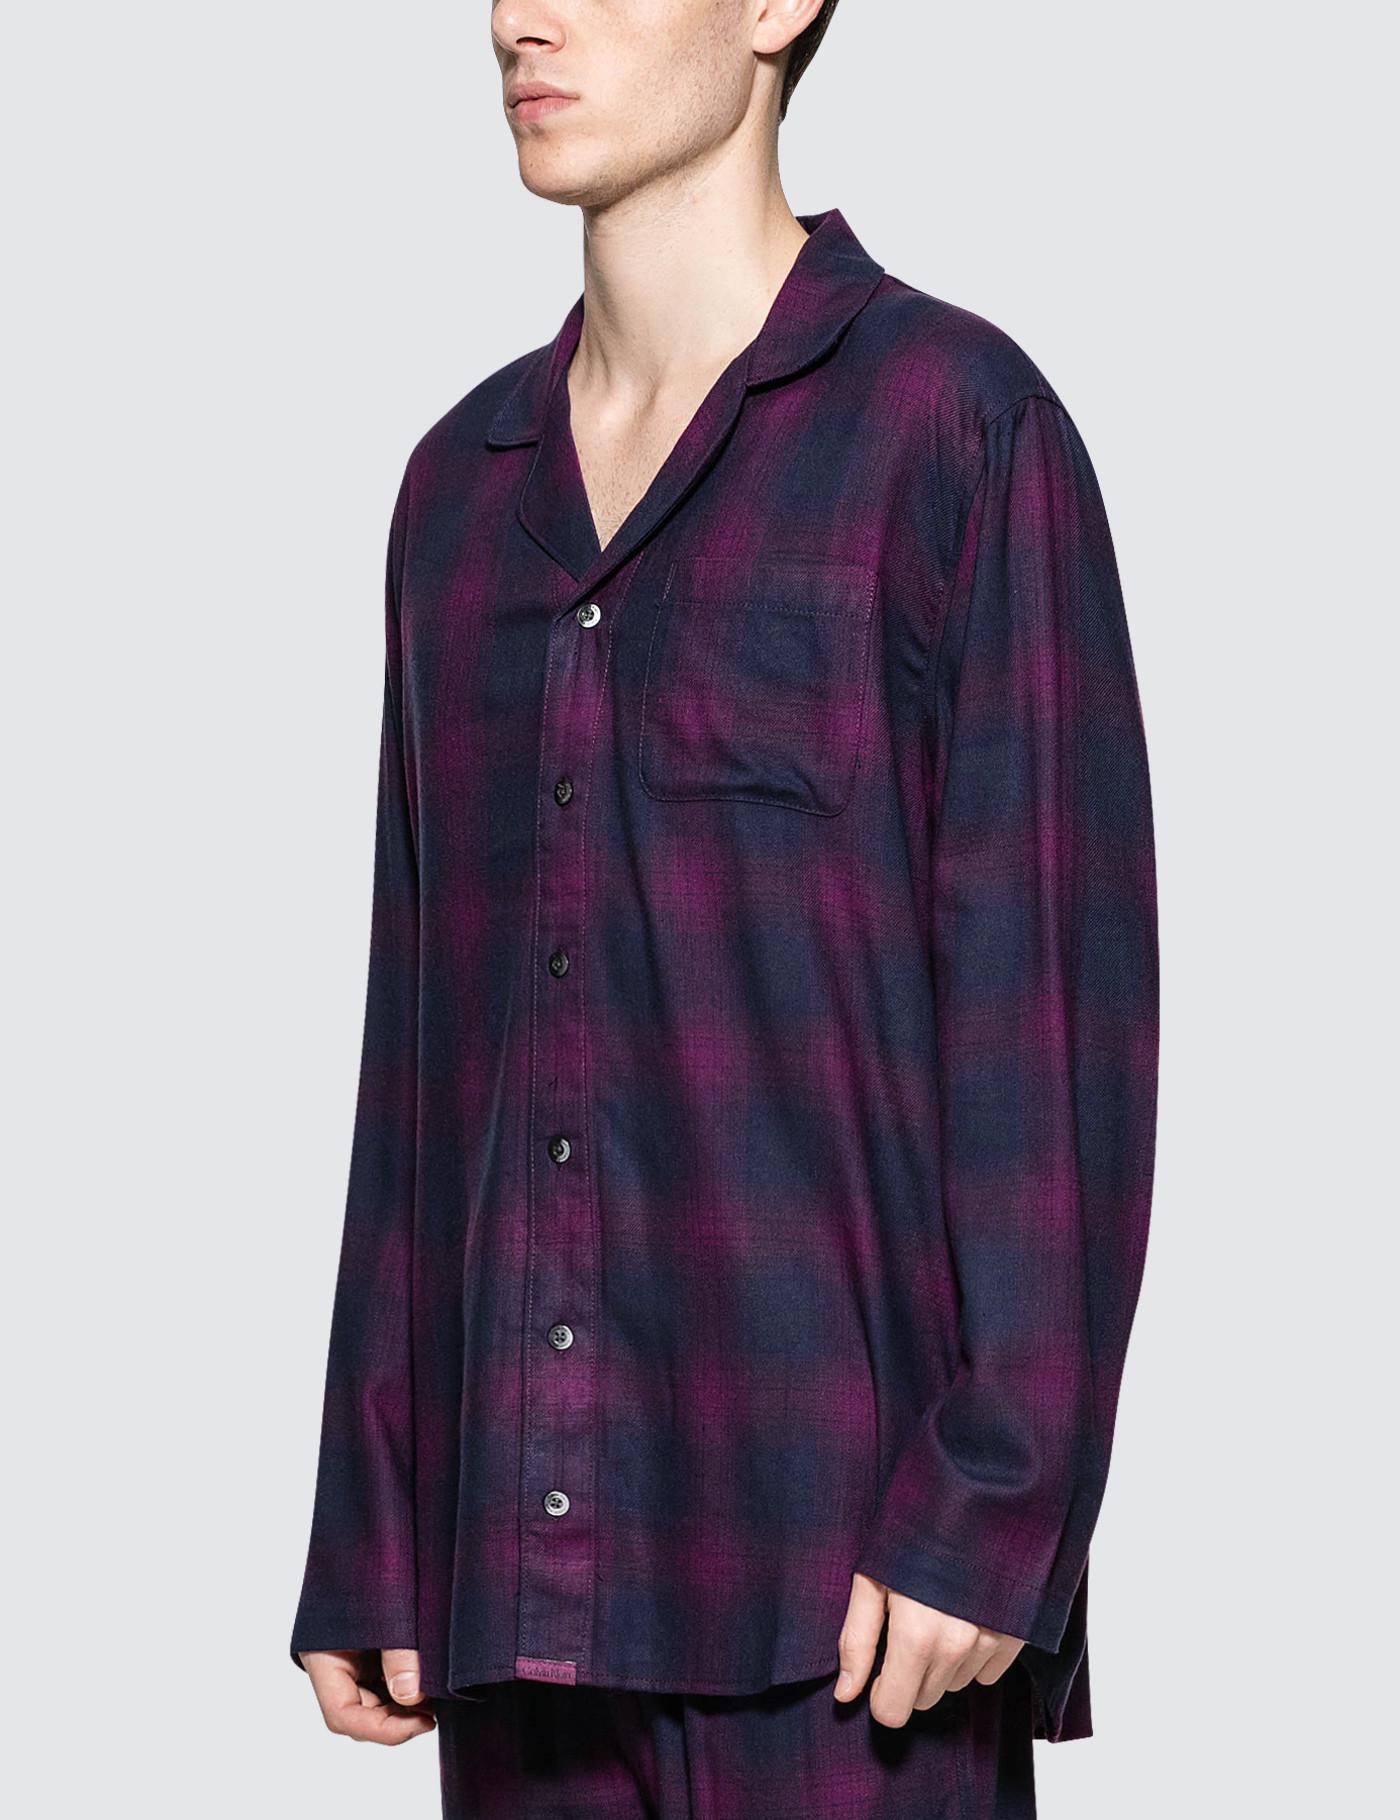 Lyst - Calvin Klein Flannel Sleeping Pants in Purple for Men 38d5a8e0b